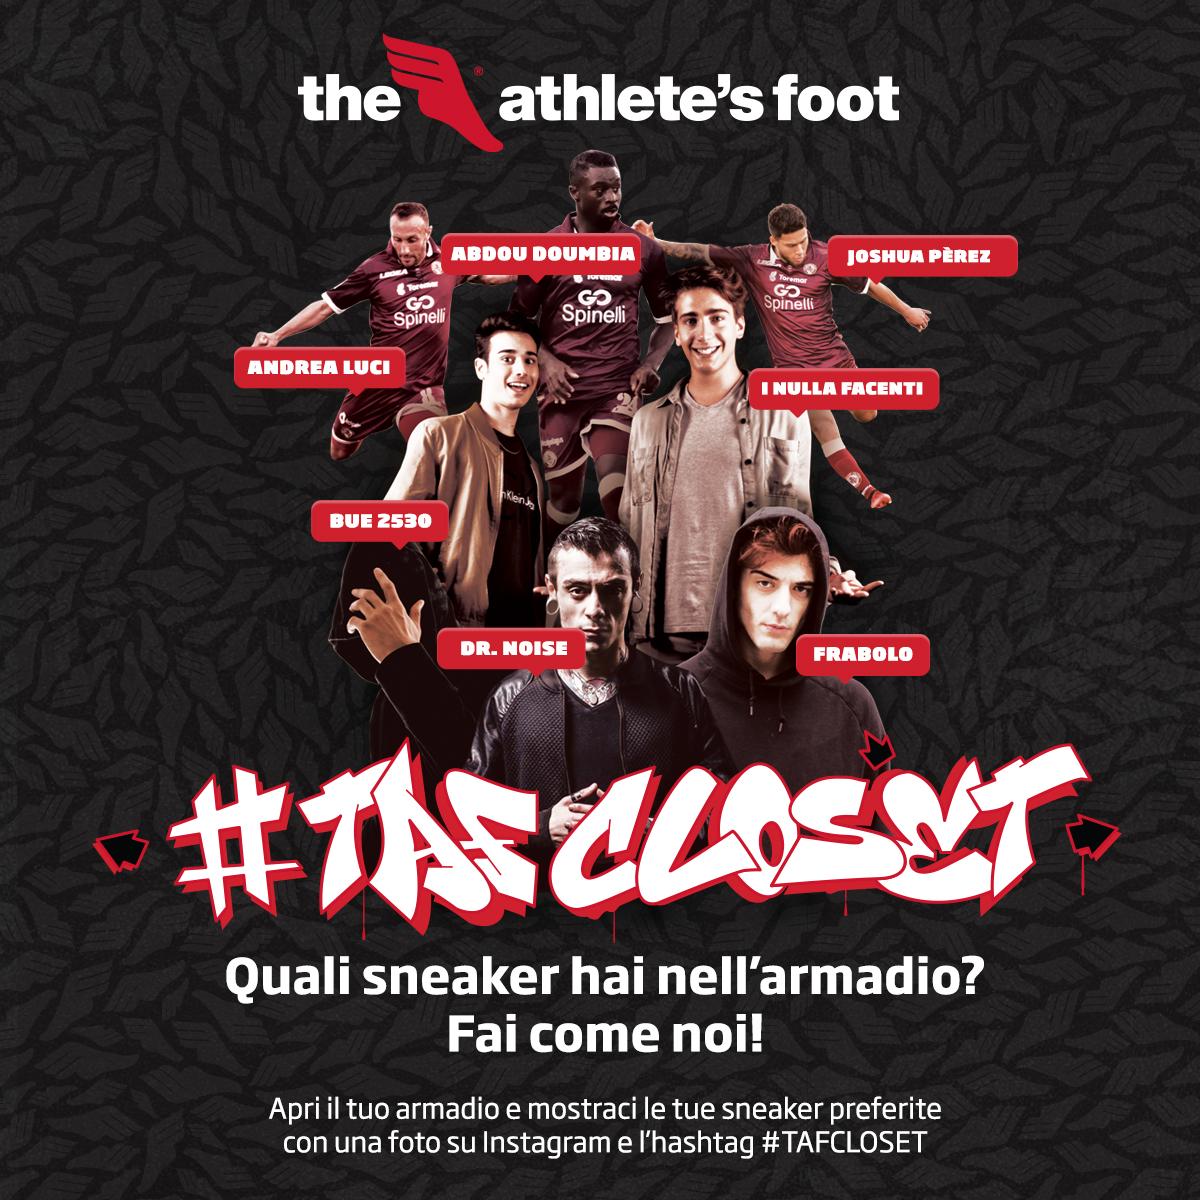 Parte la nostra campagna per The Athlete' s Foot: #TAFCLOSET. Quali sneaker hai nell'armadio?